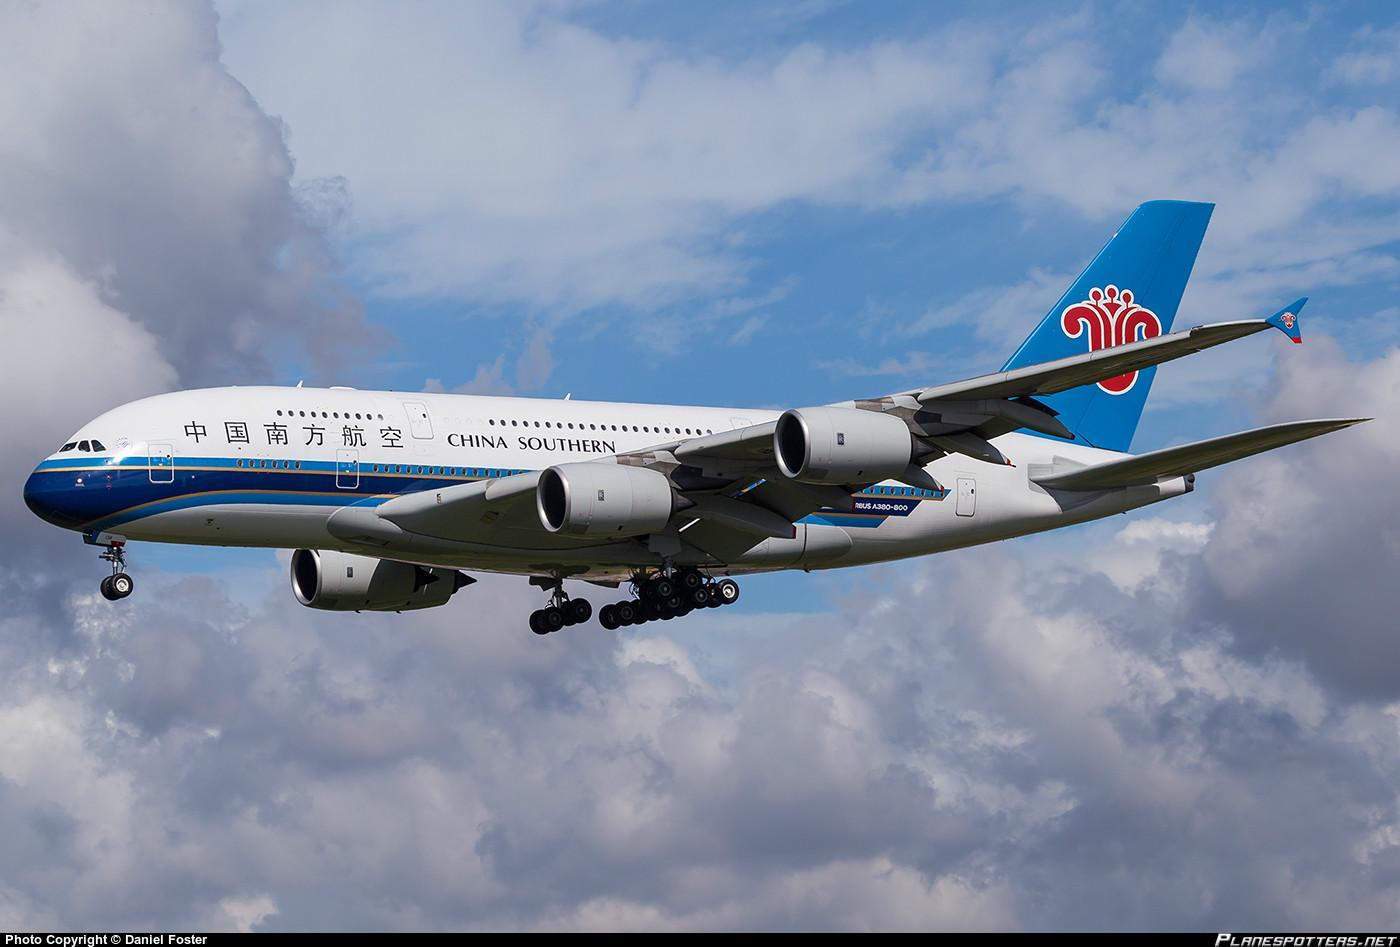 中国南方航空股份有限公司 中国南方航空股份有限公司 搜狗百科图片